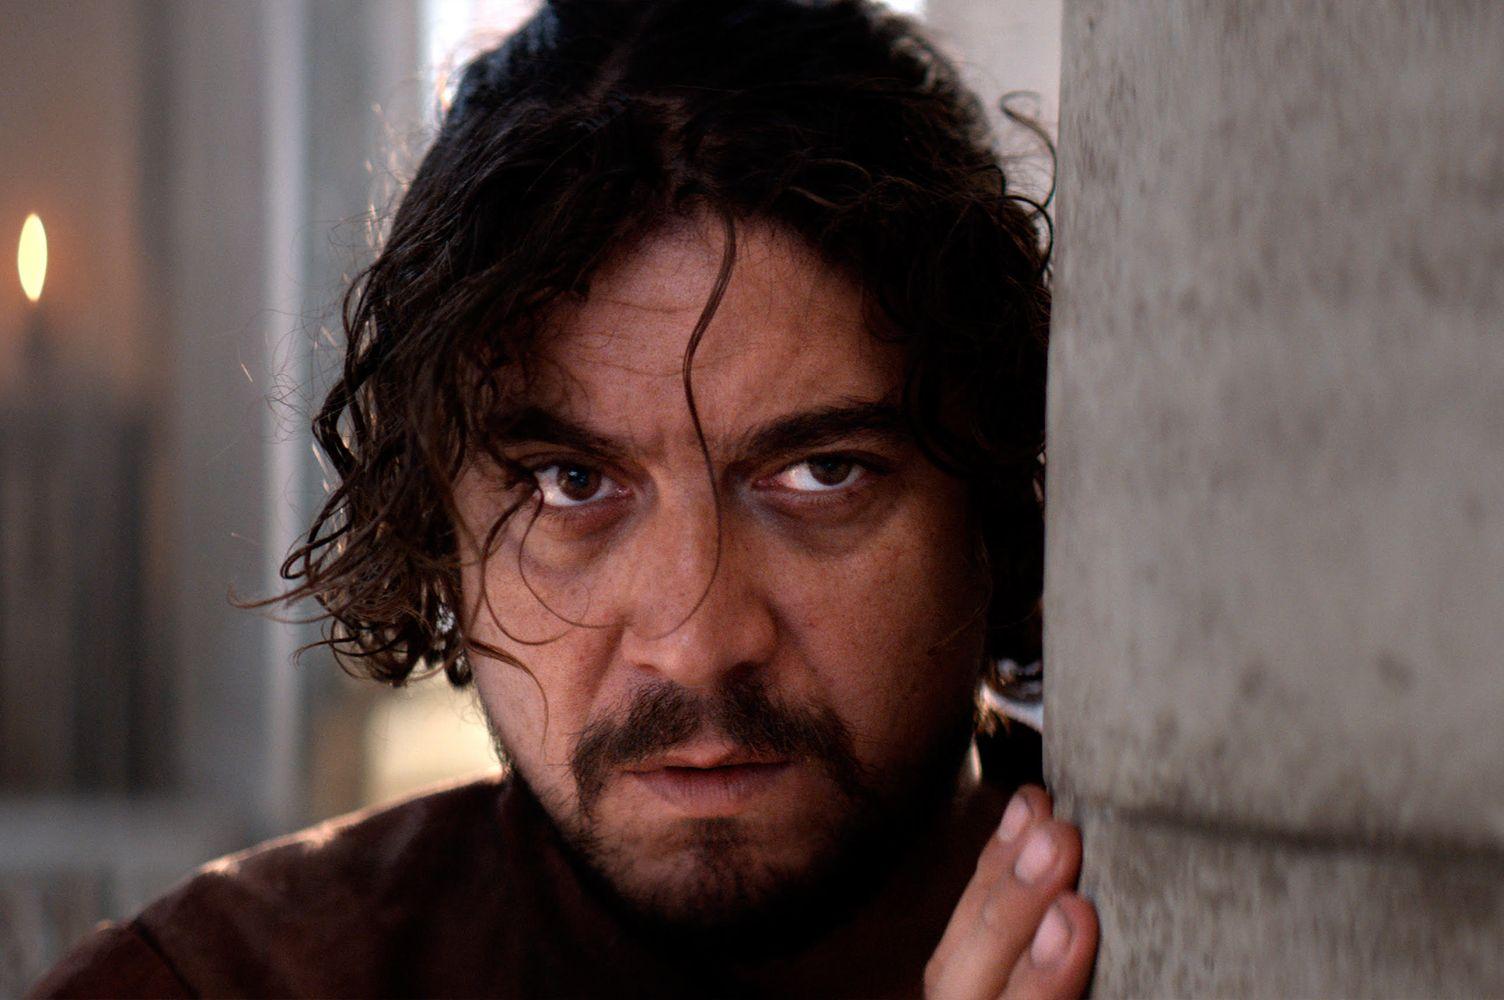 L'ombra di Caravaggio: un primo piano di Riccardo Scamarcio